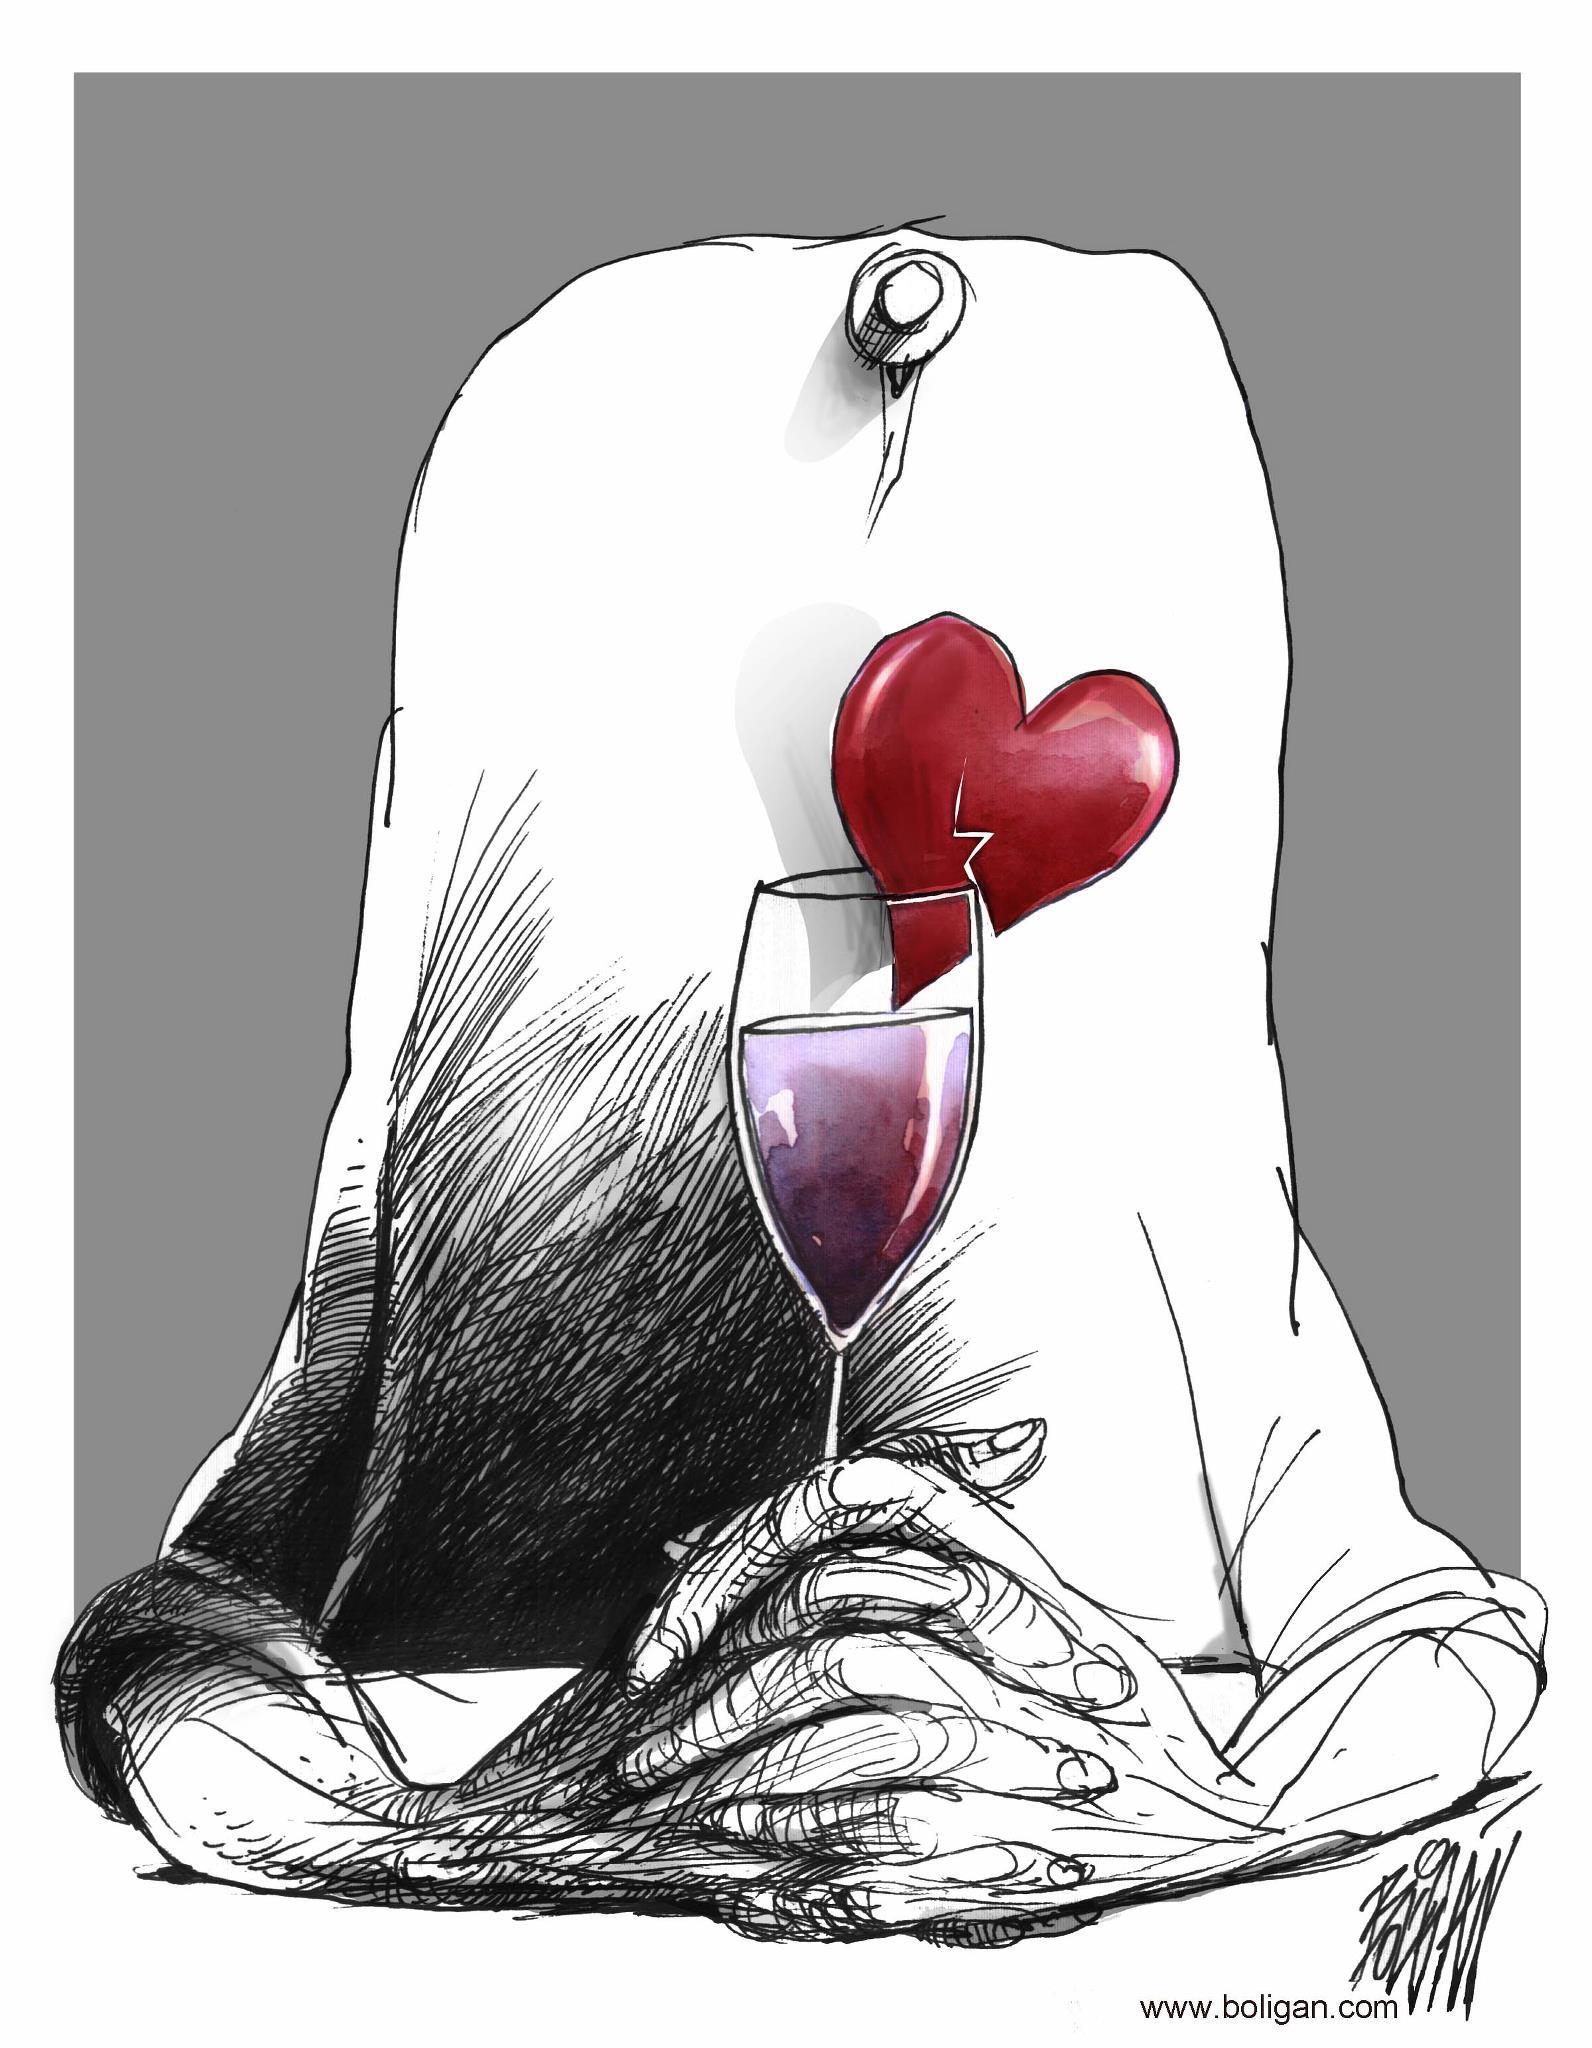 کاریکاتورهای زیبا و طنز آمیز از آنجل بولیگان (2)